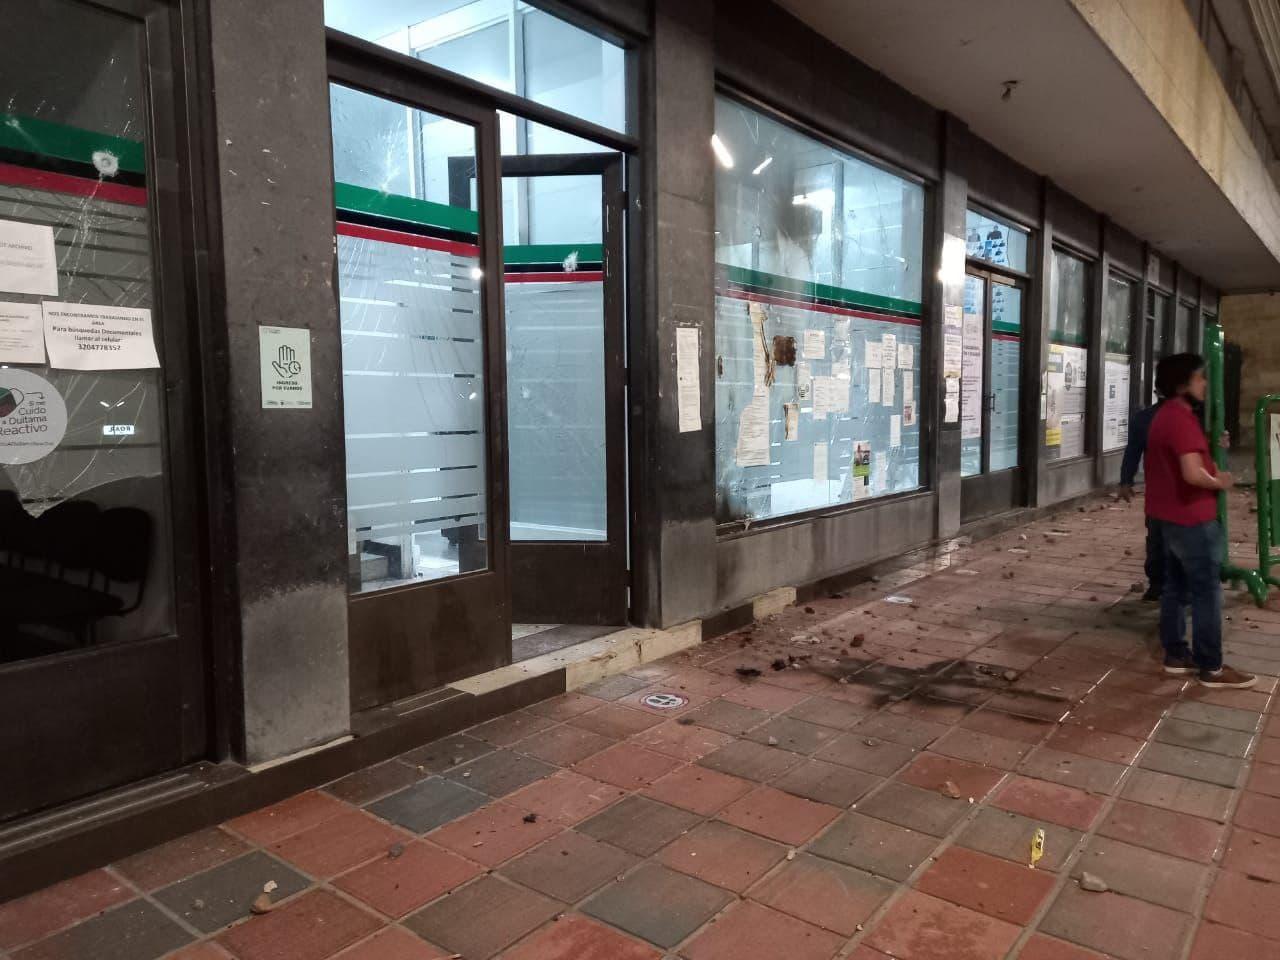 La Alcaldesa de Duitama explica qué pasó anoche en los actos vandálicos al edificio administrativo 1